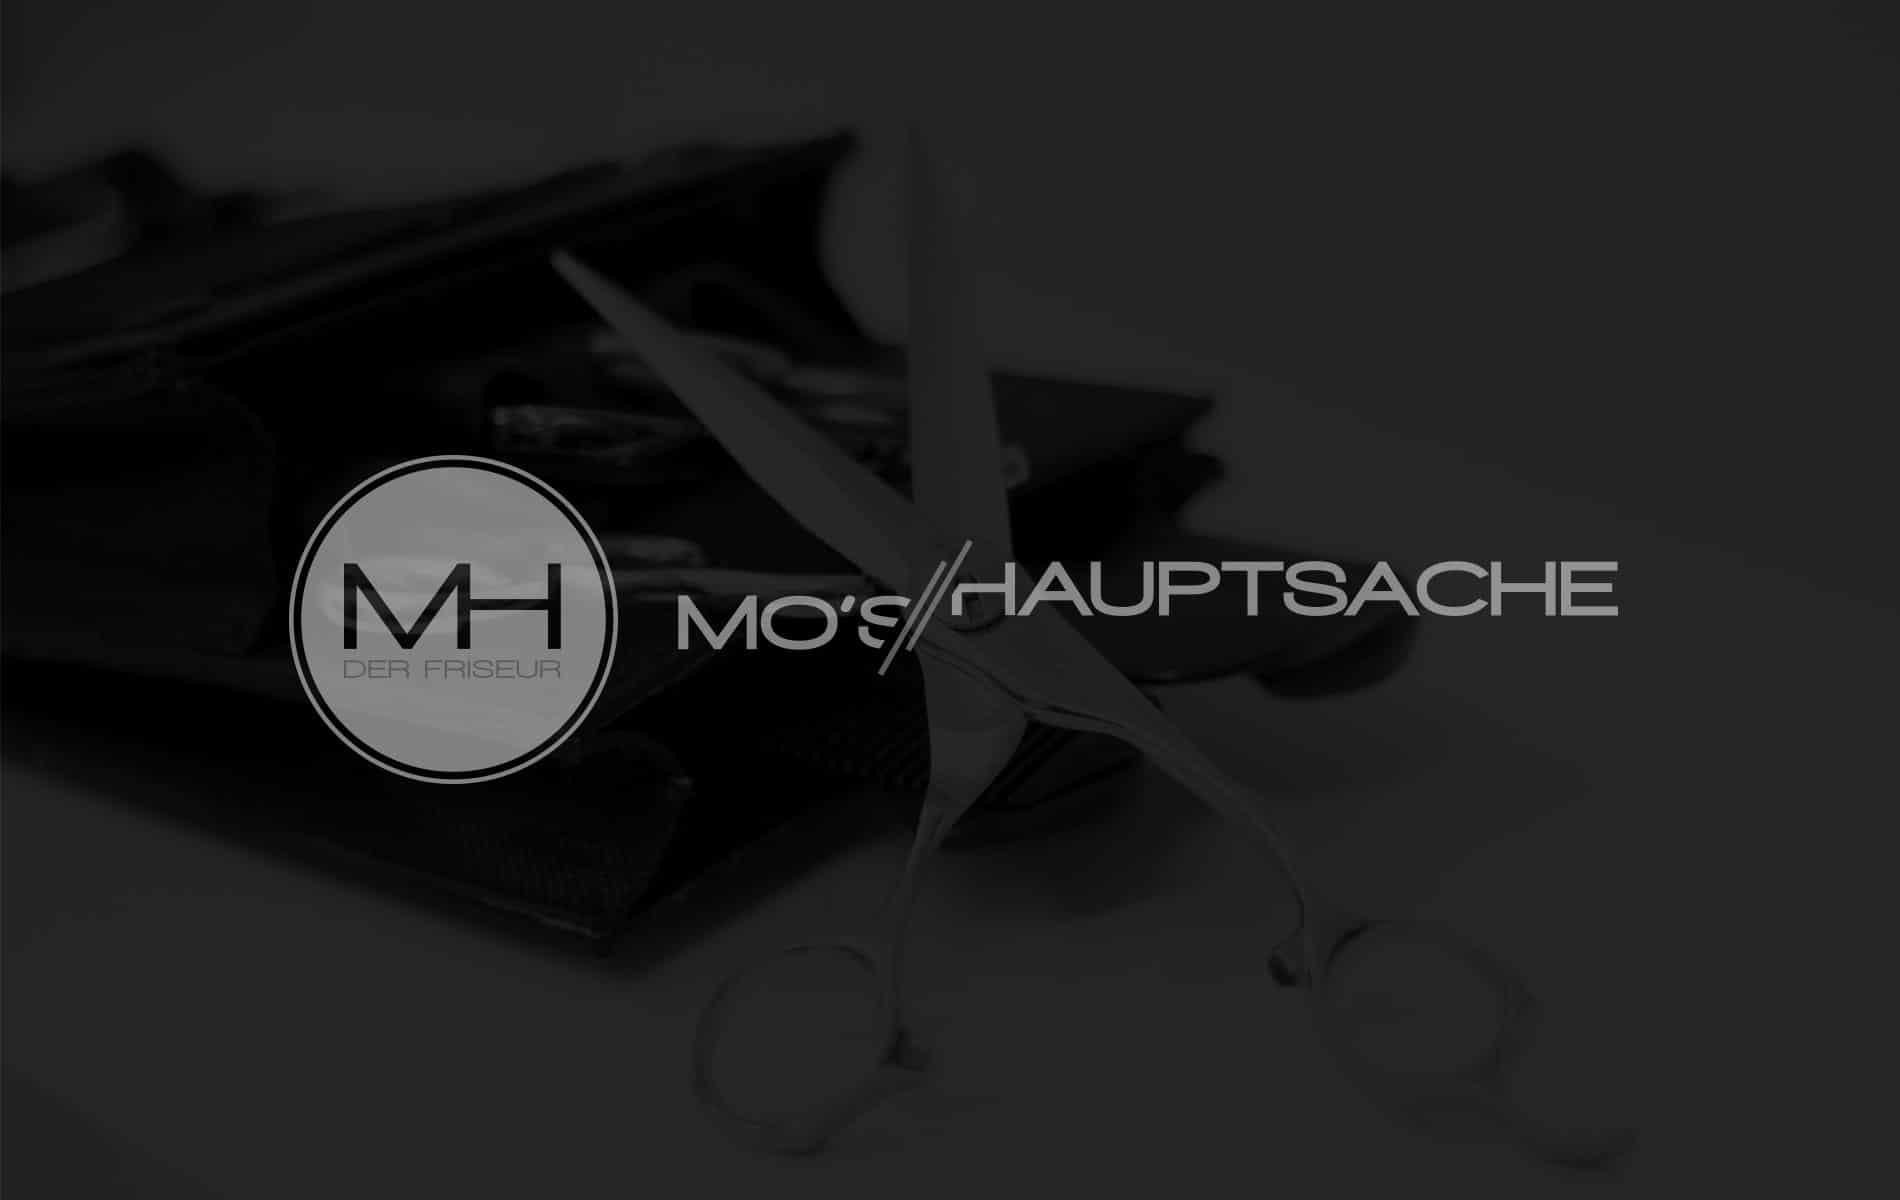 Mos Hauptsache - Herrenfriseur Frankfurt